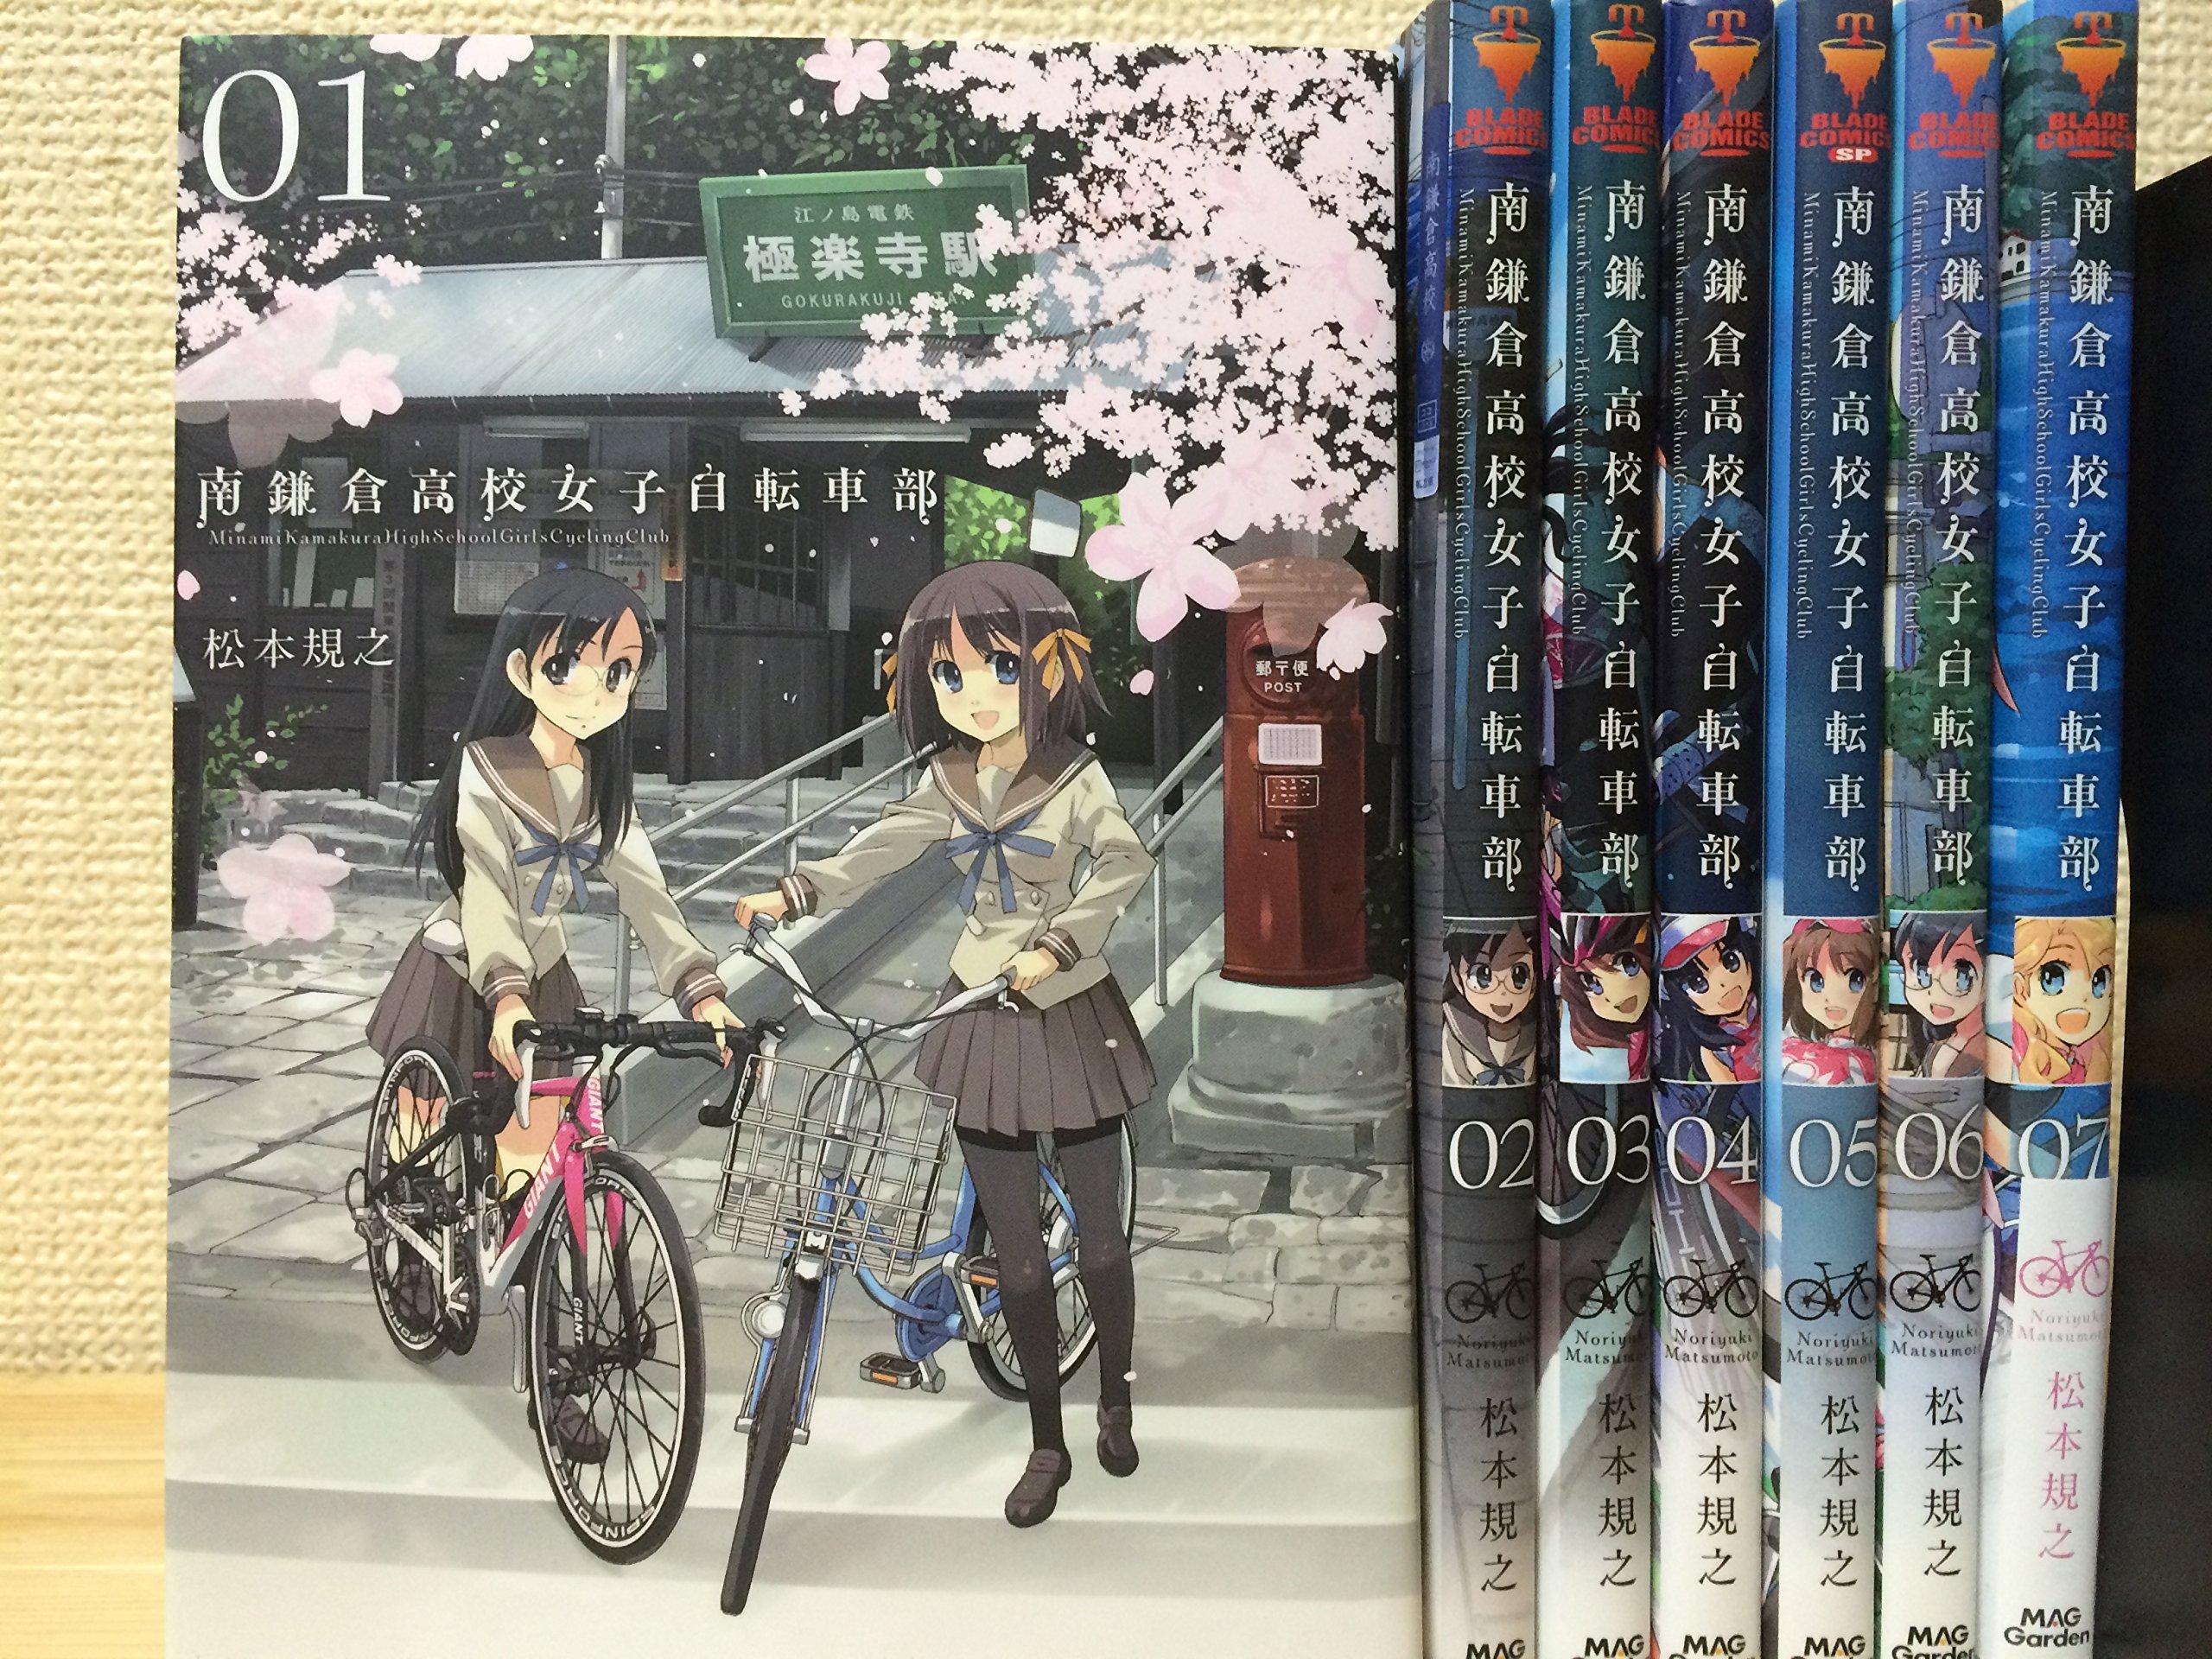 南鎌倉高校 女子自転車部 コミック 1-7巻セット 松本 規之 (著)